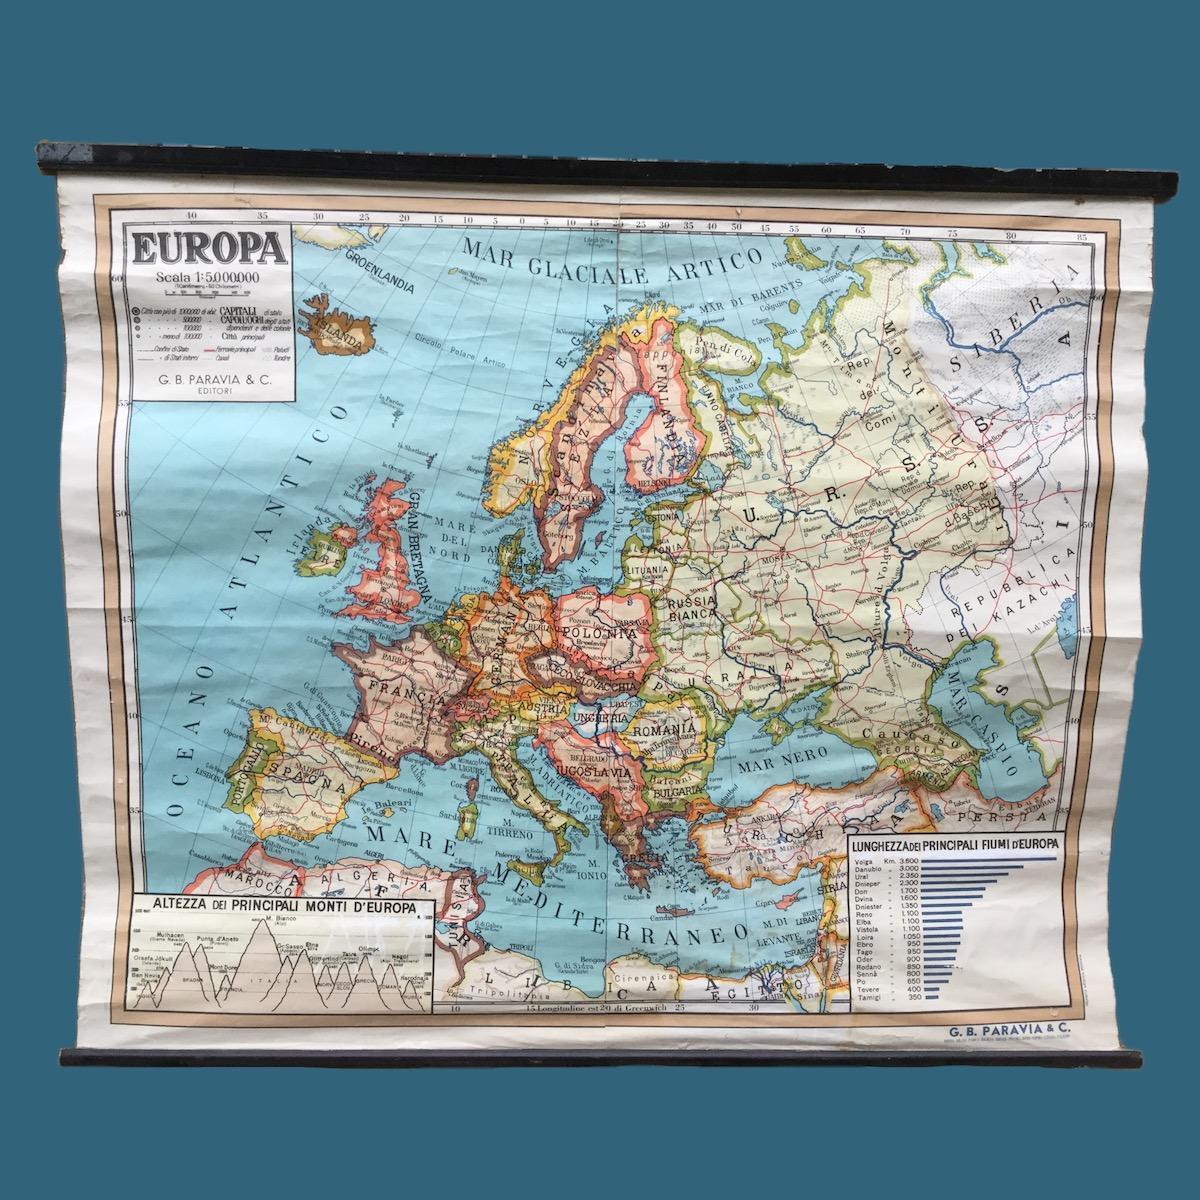 Cartina Delleuropa.Cartina Vintage Dell Europa Anno 1961 Le Muse Di Francesca